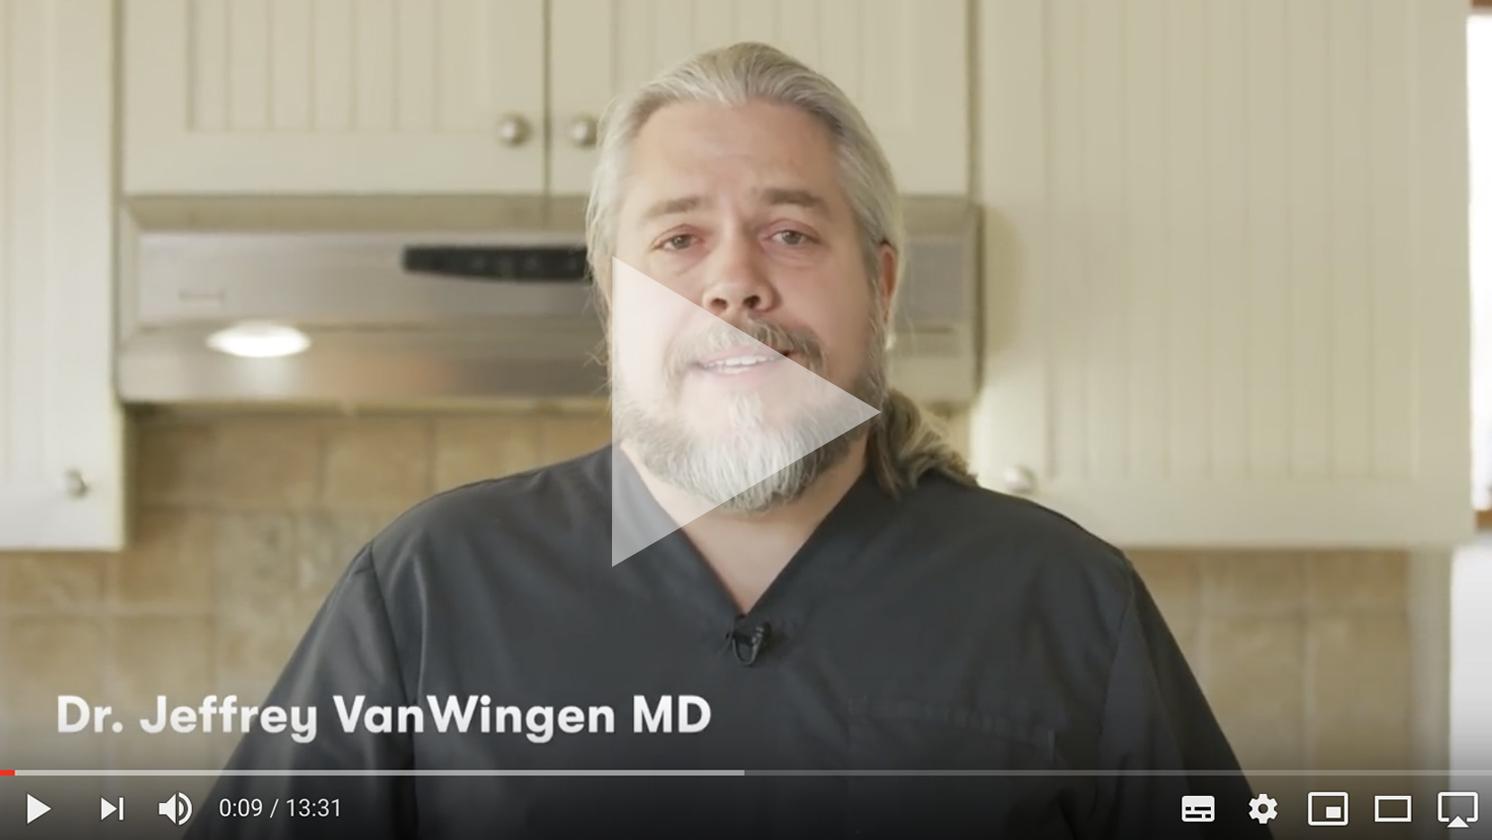 Deze afbeelding hoort bij FrankWatching Blog: Dit moet weten om jouw videos viraal te laten gaan van Stephan Makatita. In de video vertelt een Amerikaanse dokter hoe je het beste om kan gaan met het Corona virus.